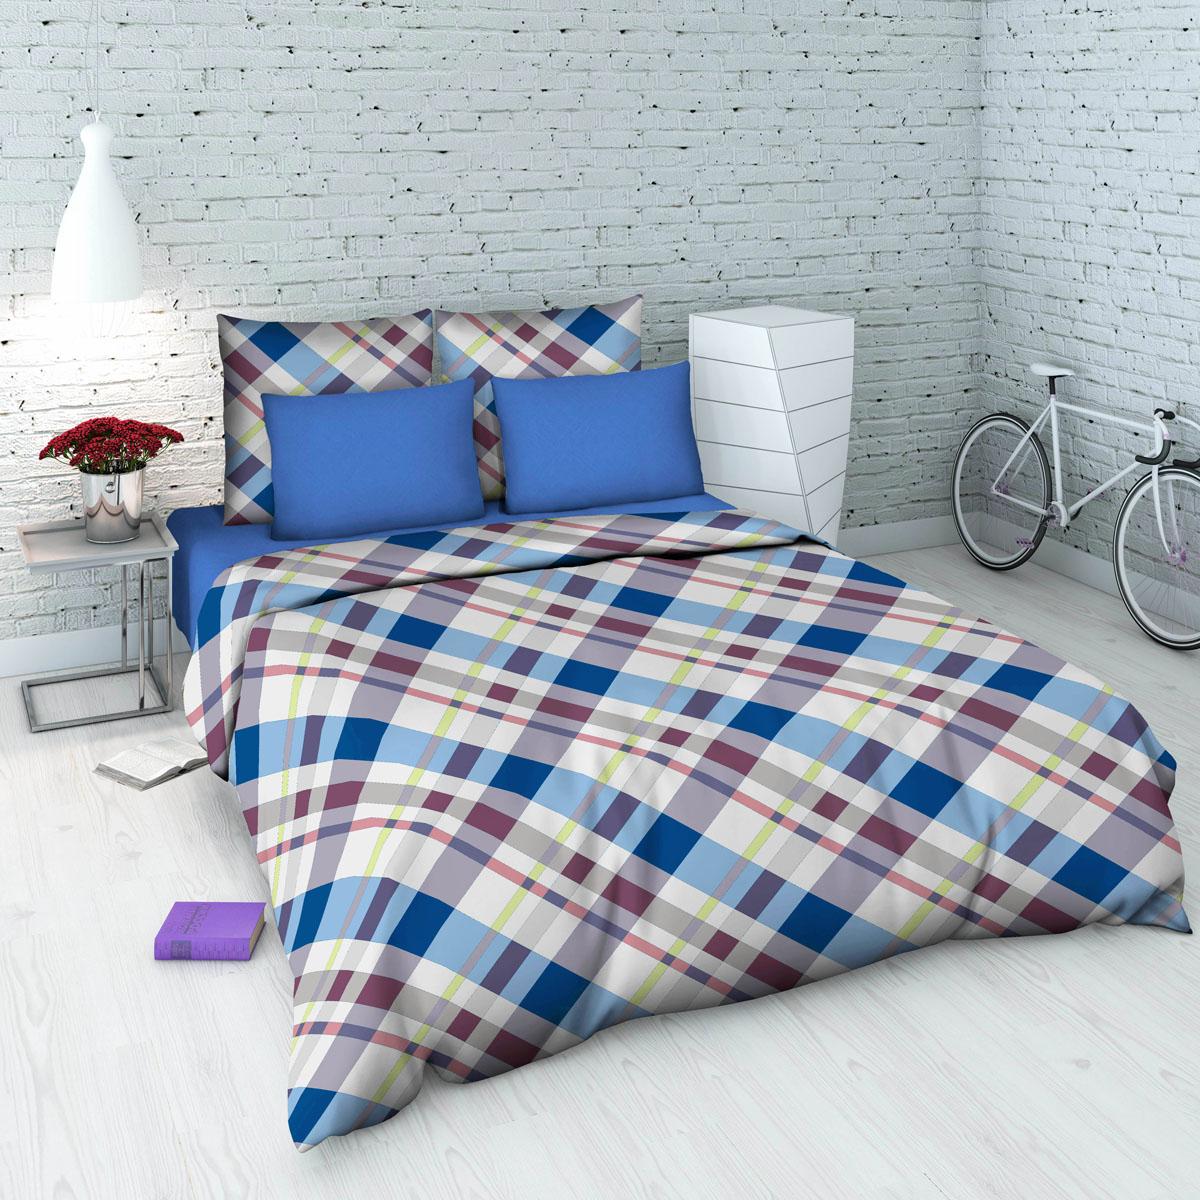 Комплект белья Василиса, 2-спальный, наволочки 70х70, цвет: голубой, белый. 5345_1/25345_1/2Комплект постельного белья Василиса состоит из пододеяльника, простыни и двух наволочек.Белье изготовлено из бязи (100% хлопка) - гипоаллергенного, экологичного, высококачественного, крупнозакрученного волокна. Использование особо тонкой пряжи делает ткань мягче на ощупь, обеспечивает легкое глажение и позволяет передать всю насыщенность цветовой гаммы. Благодаря более плотному переплетению нитей и использованию высококачественных импортных красителей постельное белье выдерживает до 70 стирок. На ткани не образуются катышки.Способ застегивания наволочки - клапан, пододеяльника - отверстие без застежки по краю изделия с подвернутым краем. Приобретая комплект постельного белья Василиса, вы можете быть уверены в том, что покупка доставит вам удовольствие и подарит максимальный комфорт.Советы по выбору постельного белья от блогера Ирины Соковых. Статья OZON Гид